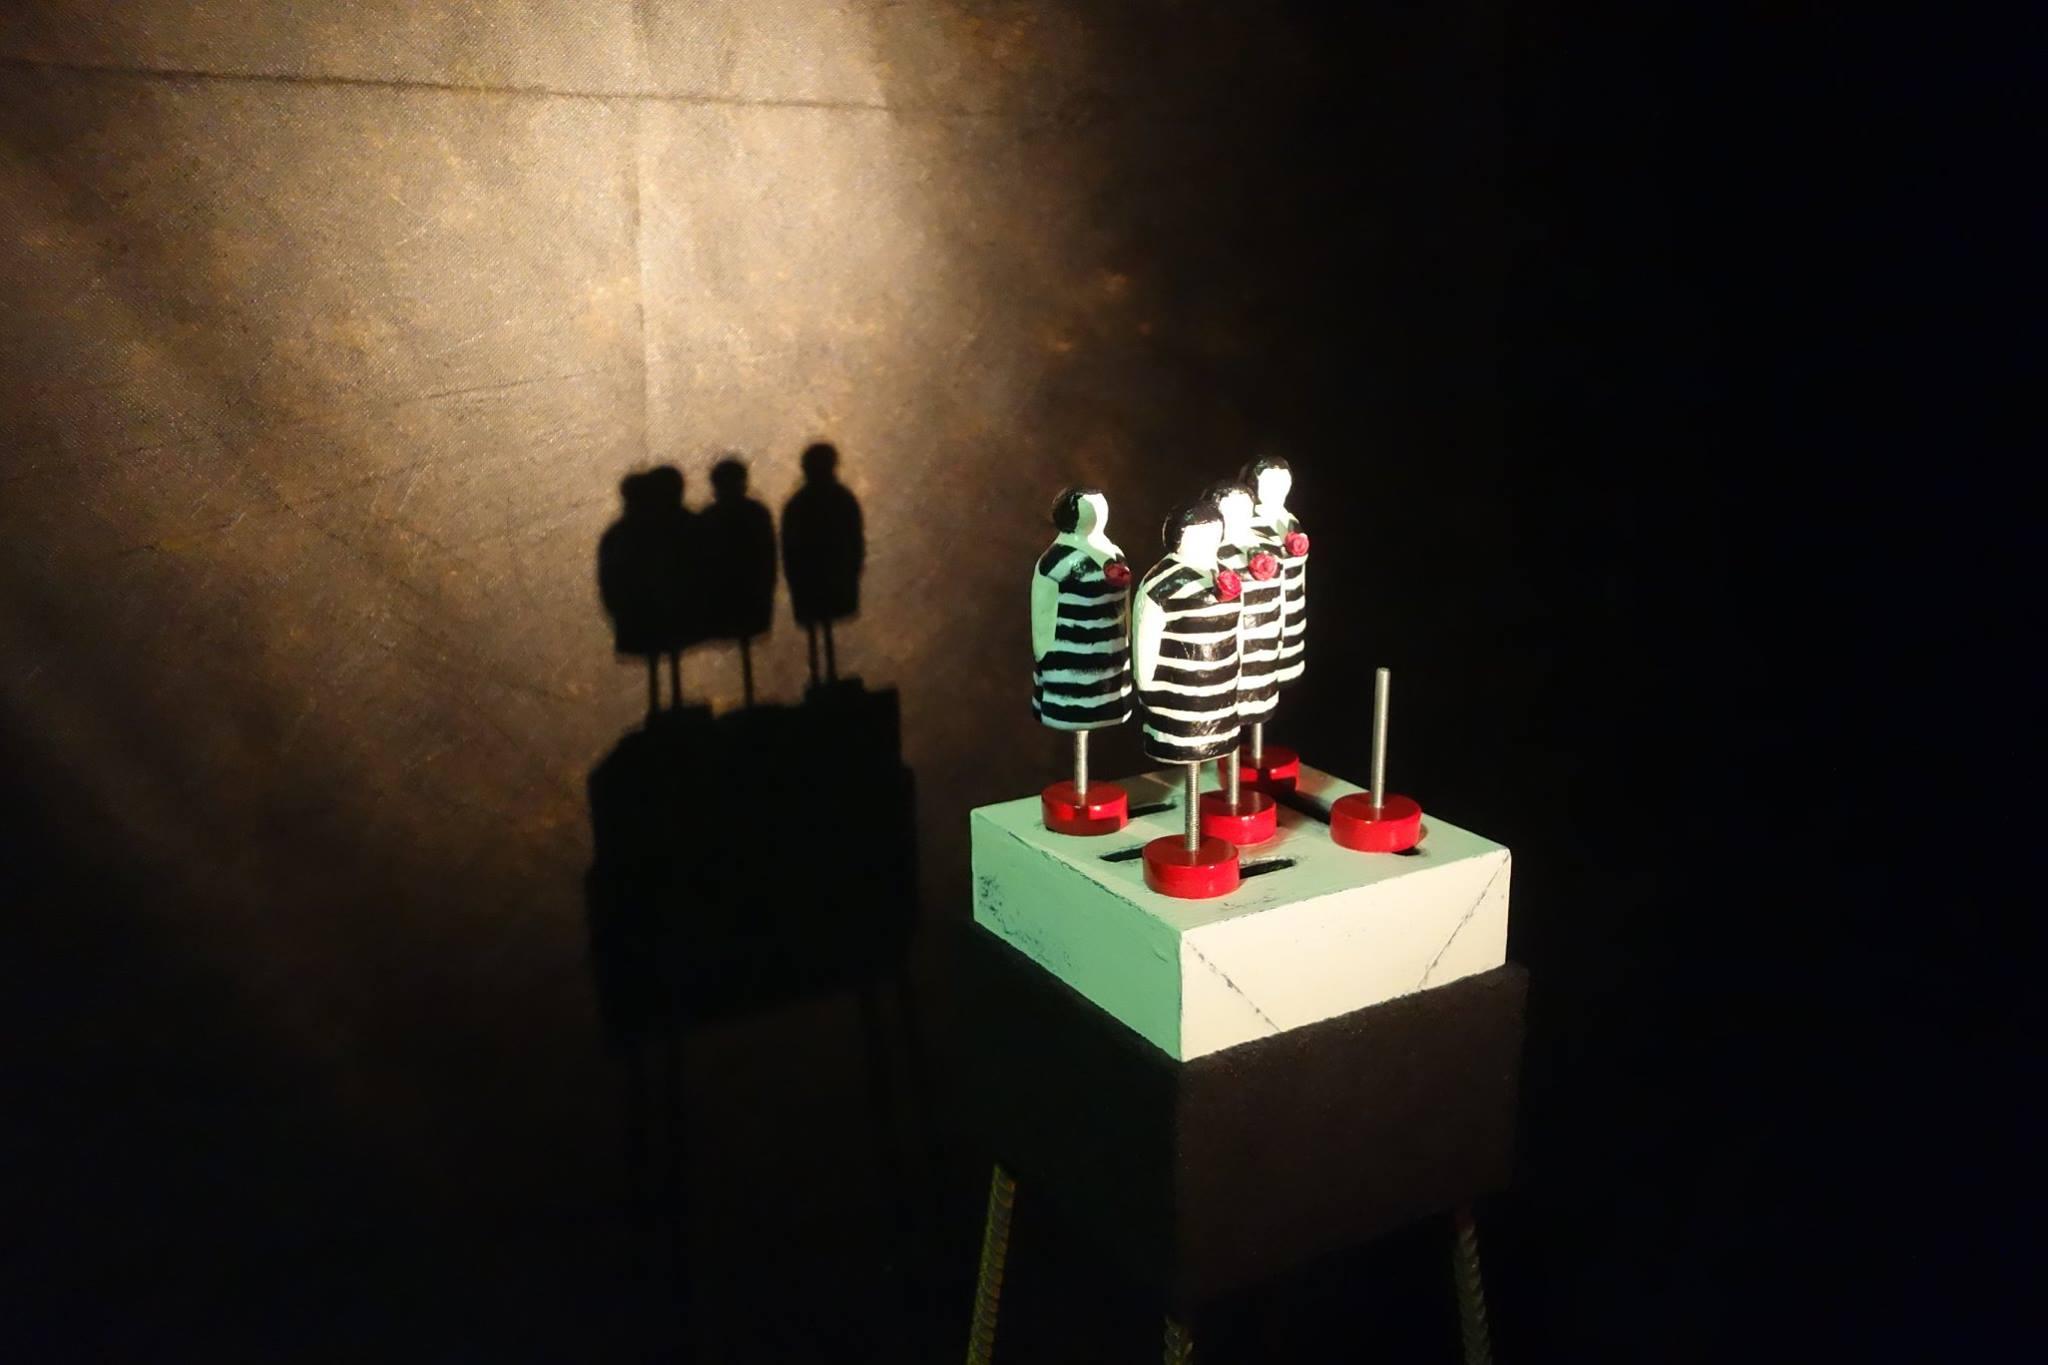 Арт-группа BERTOLLO, объект «Одна из многих» из проекта «Что делать с мёртвым другом», ноябрь 2015, лофт TRAVA, Новосибир